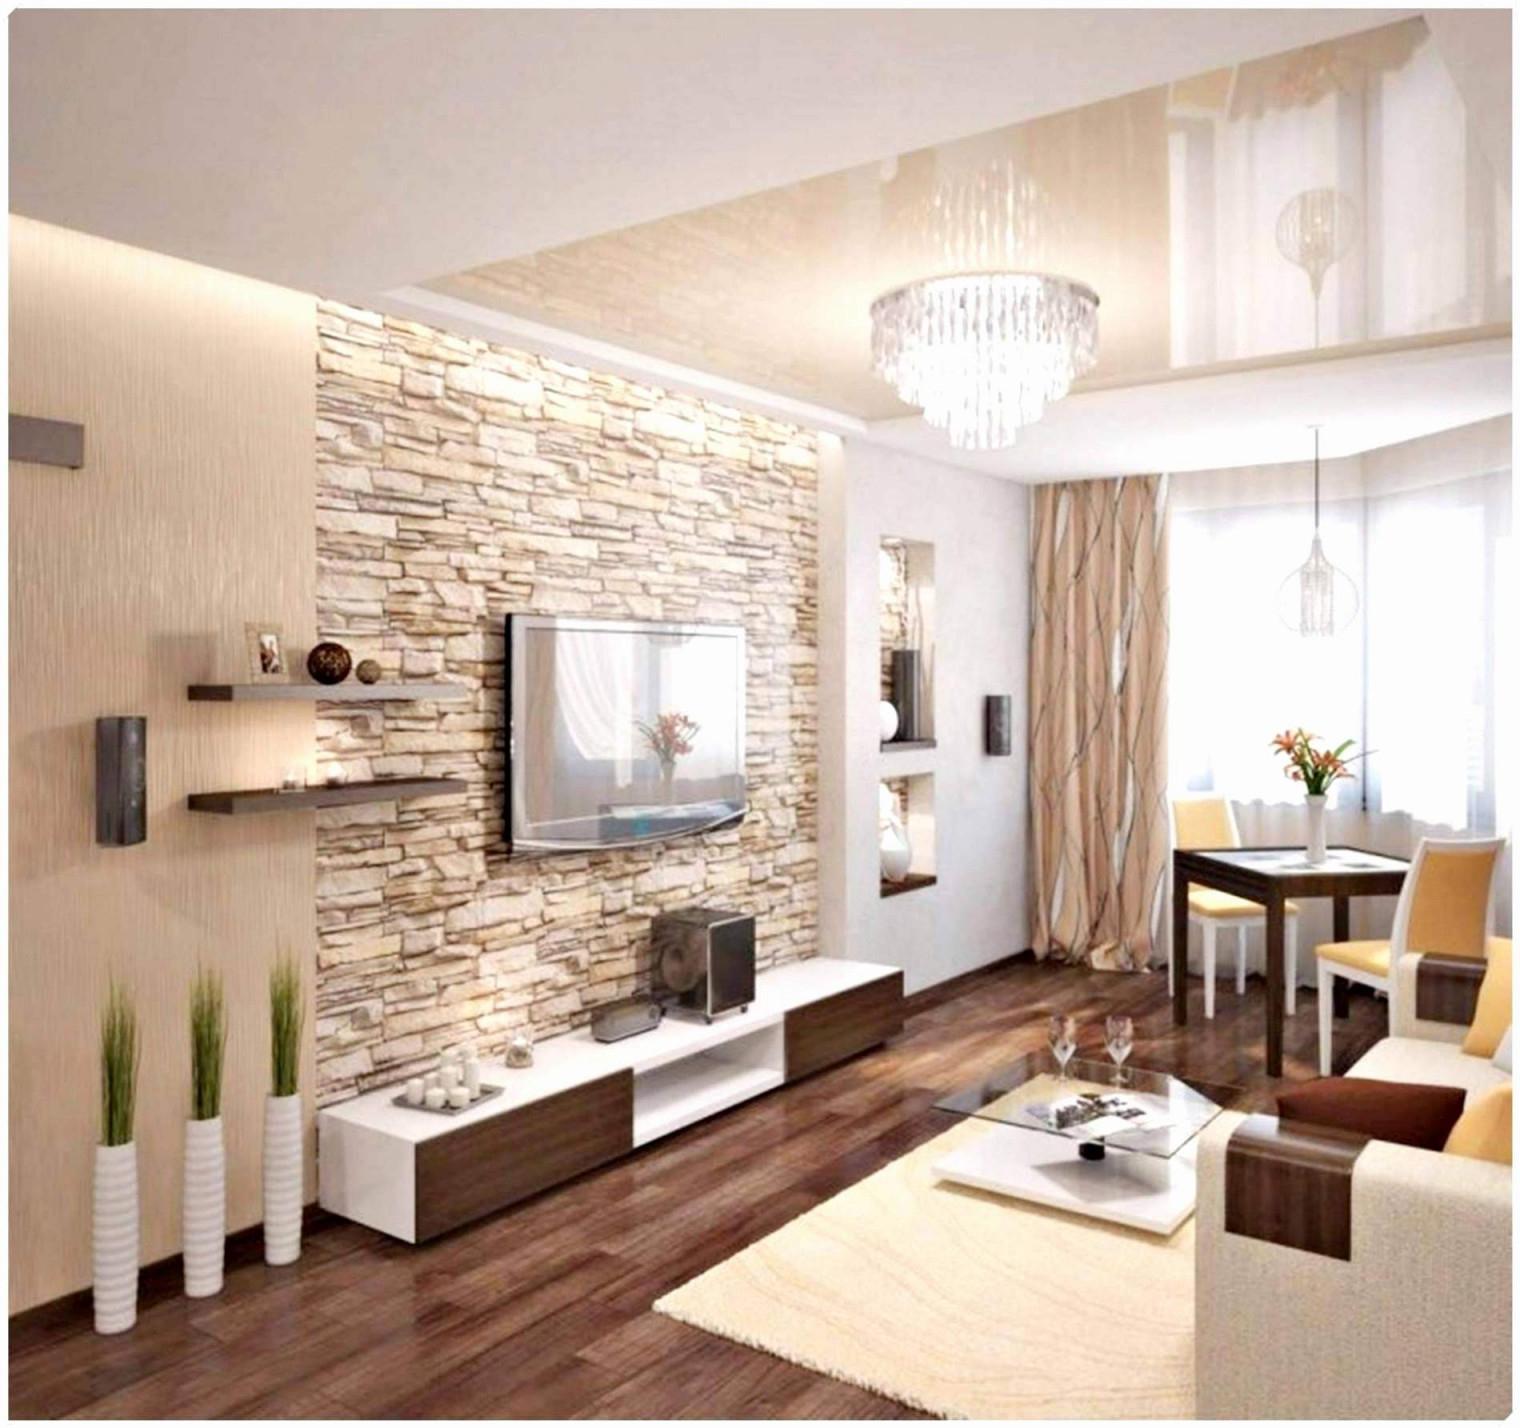 37 Luxus Tapeten Kombinationen Wohnzimmer Reizend von Luxus Tapeten Wohnzimmer Photo